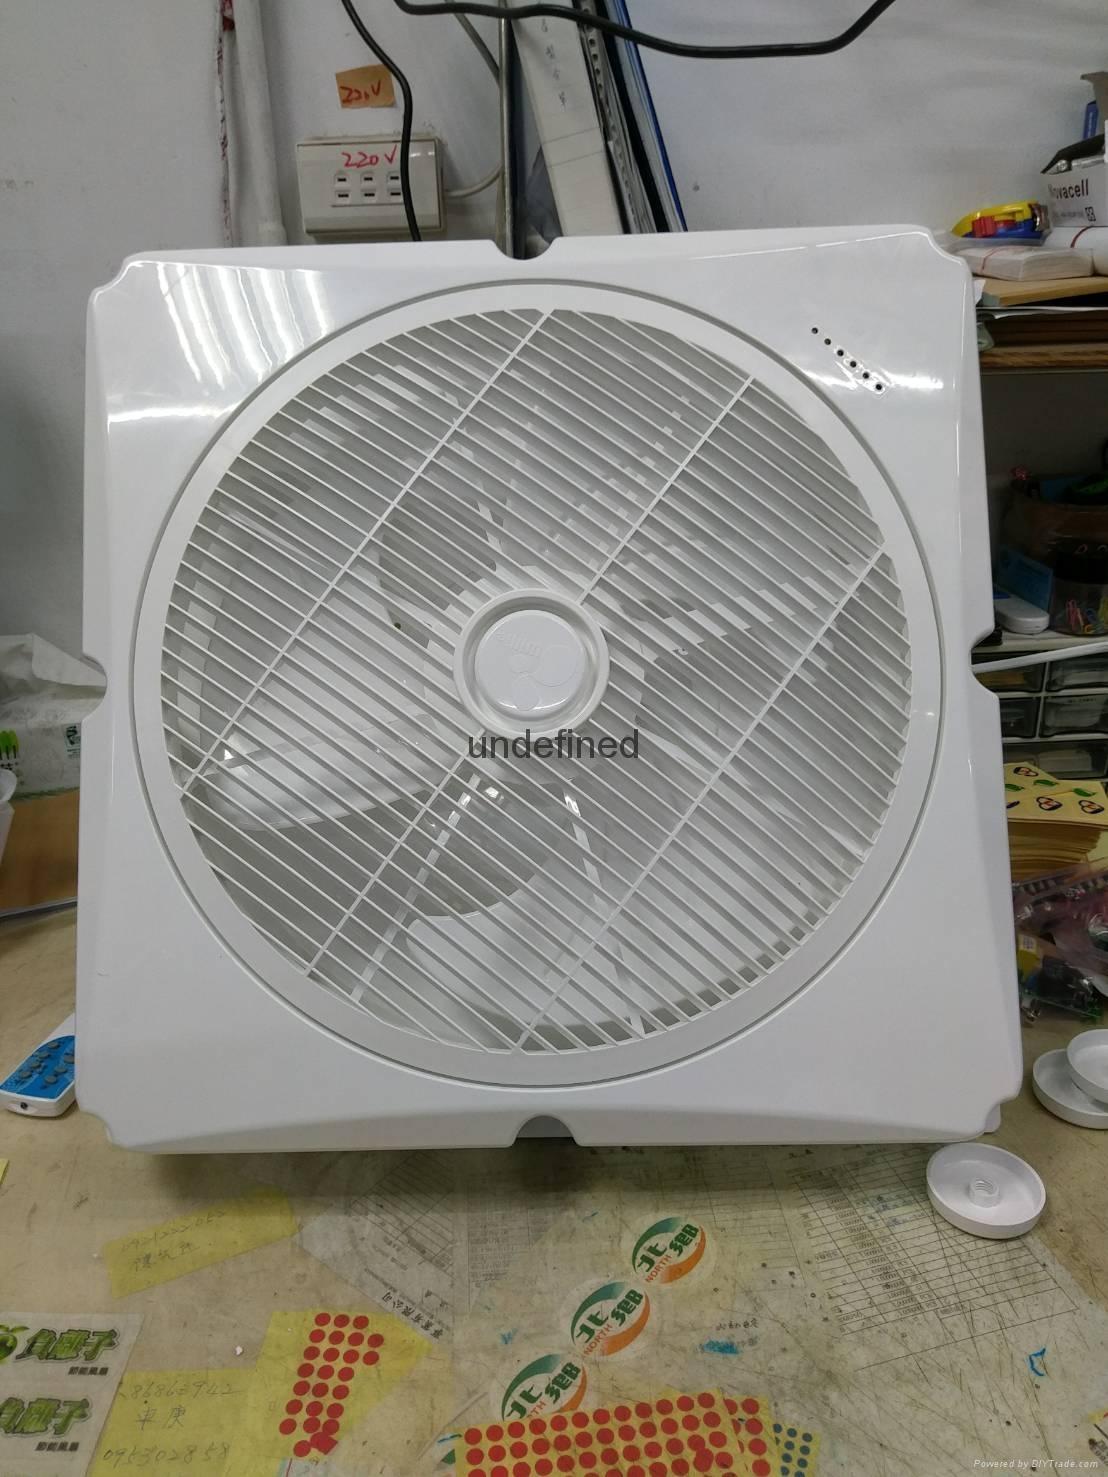 False ceiling fan 18 inch blade(Drop Grid type) 1